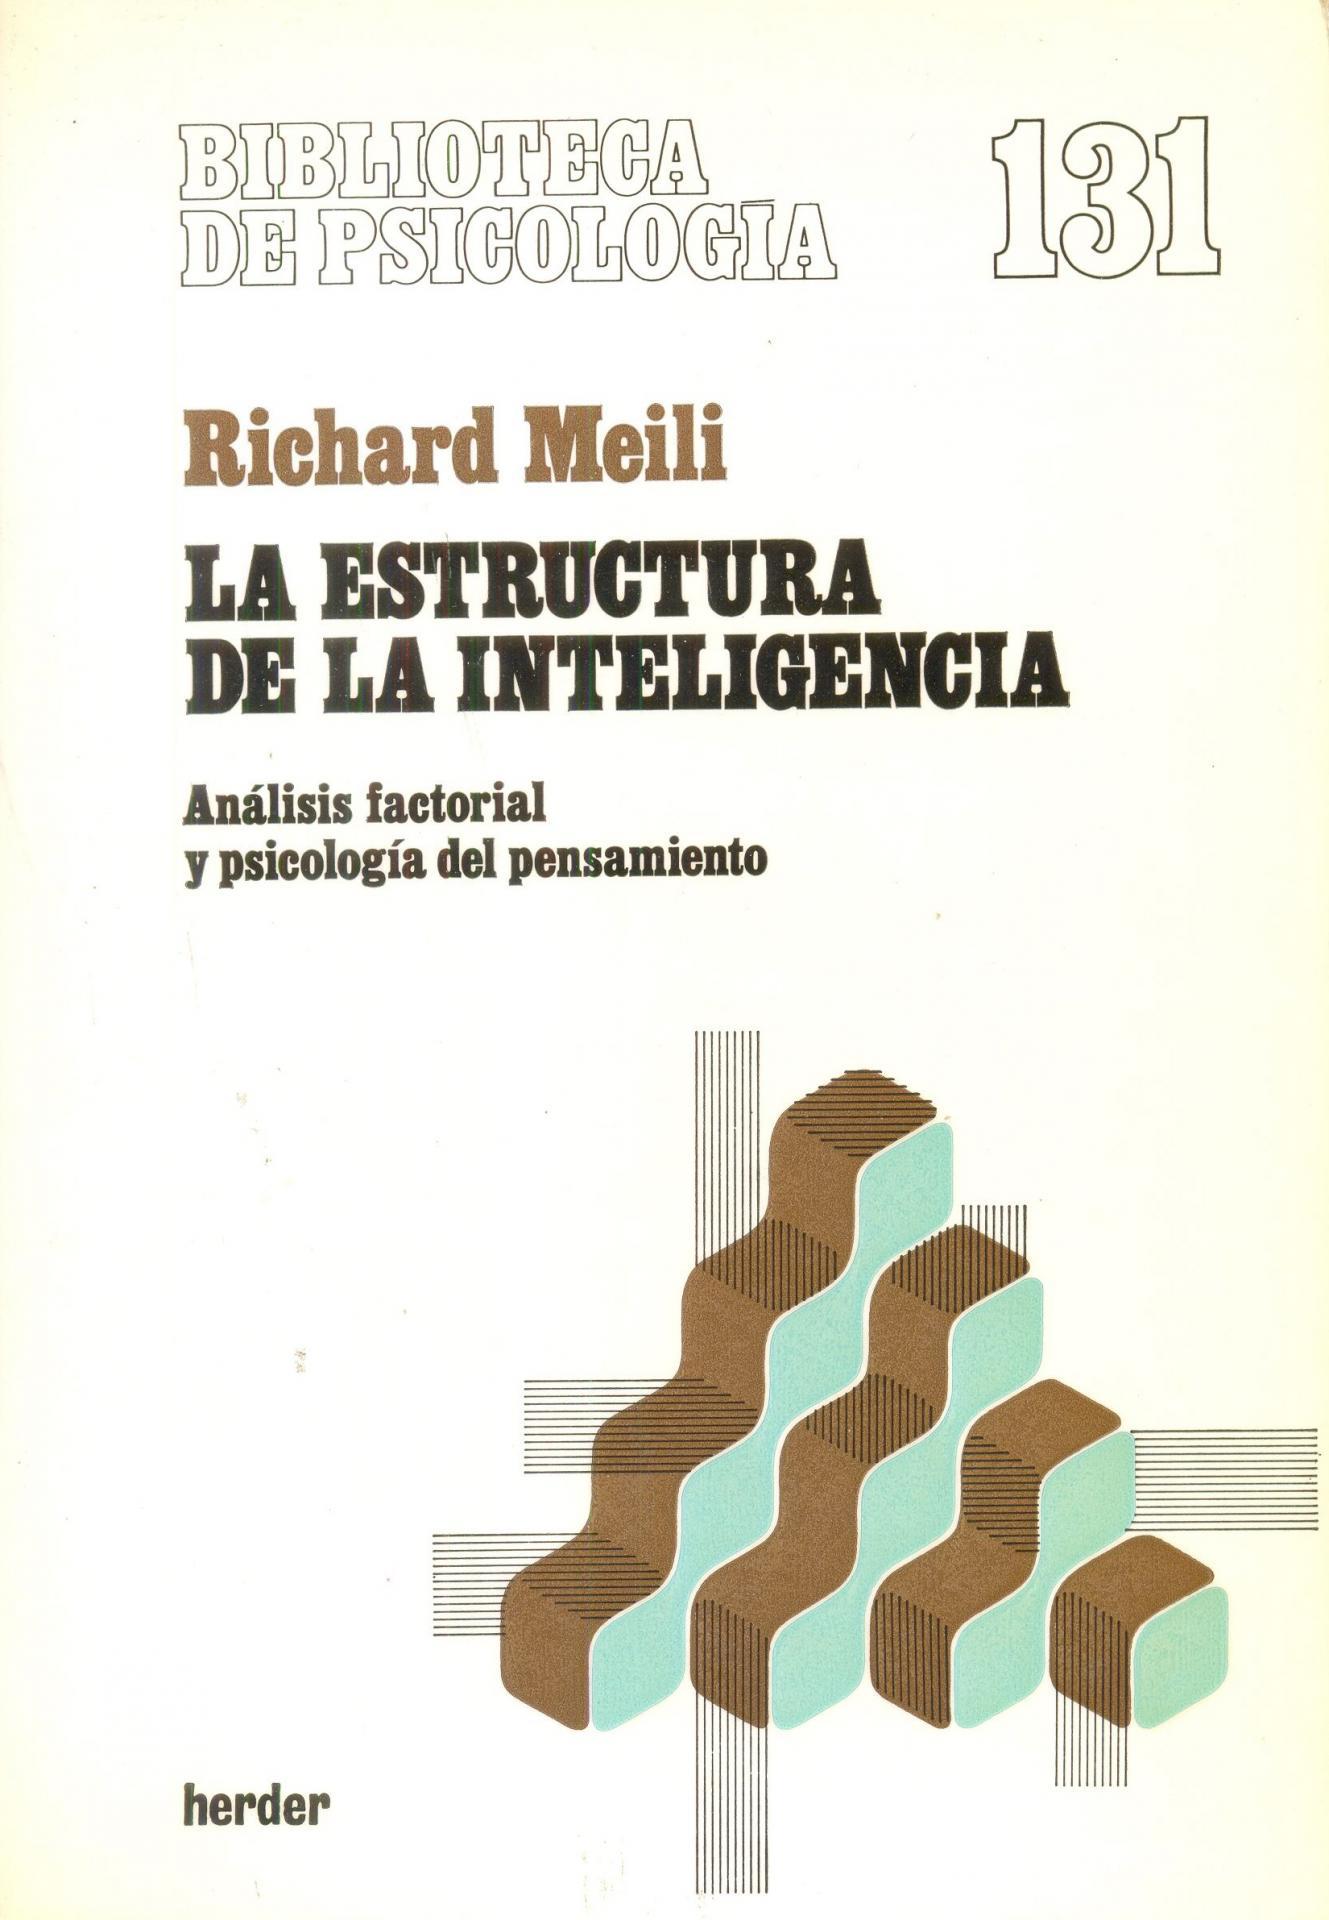 LA ESTRUCTURA DE LA INTELIGENCIA. Análisis factorial y psicología del pensamiento. Meili, R.